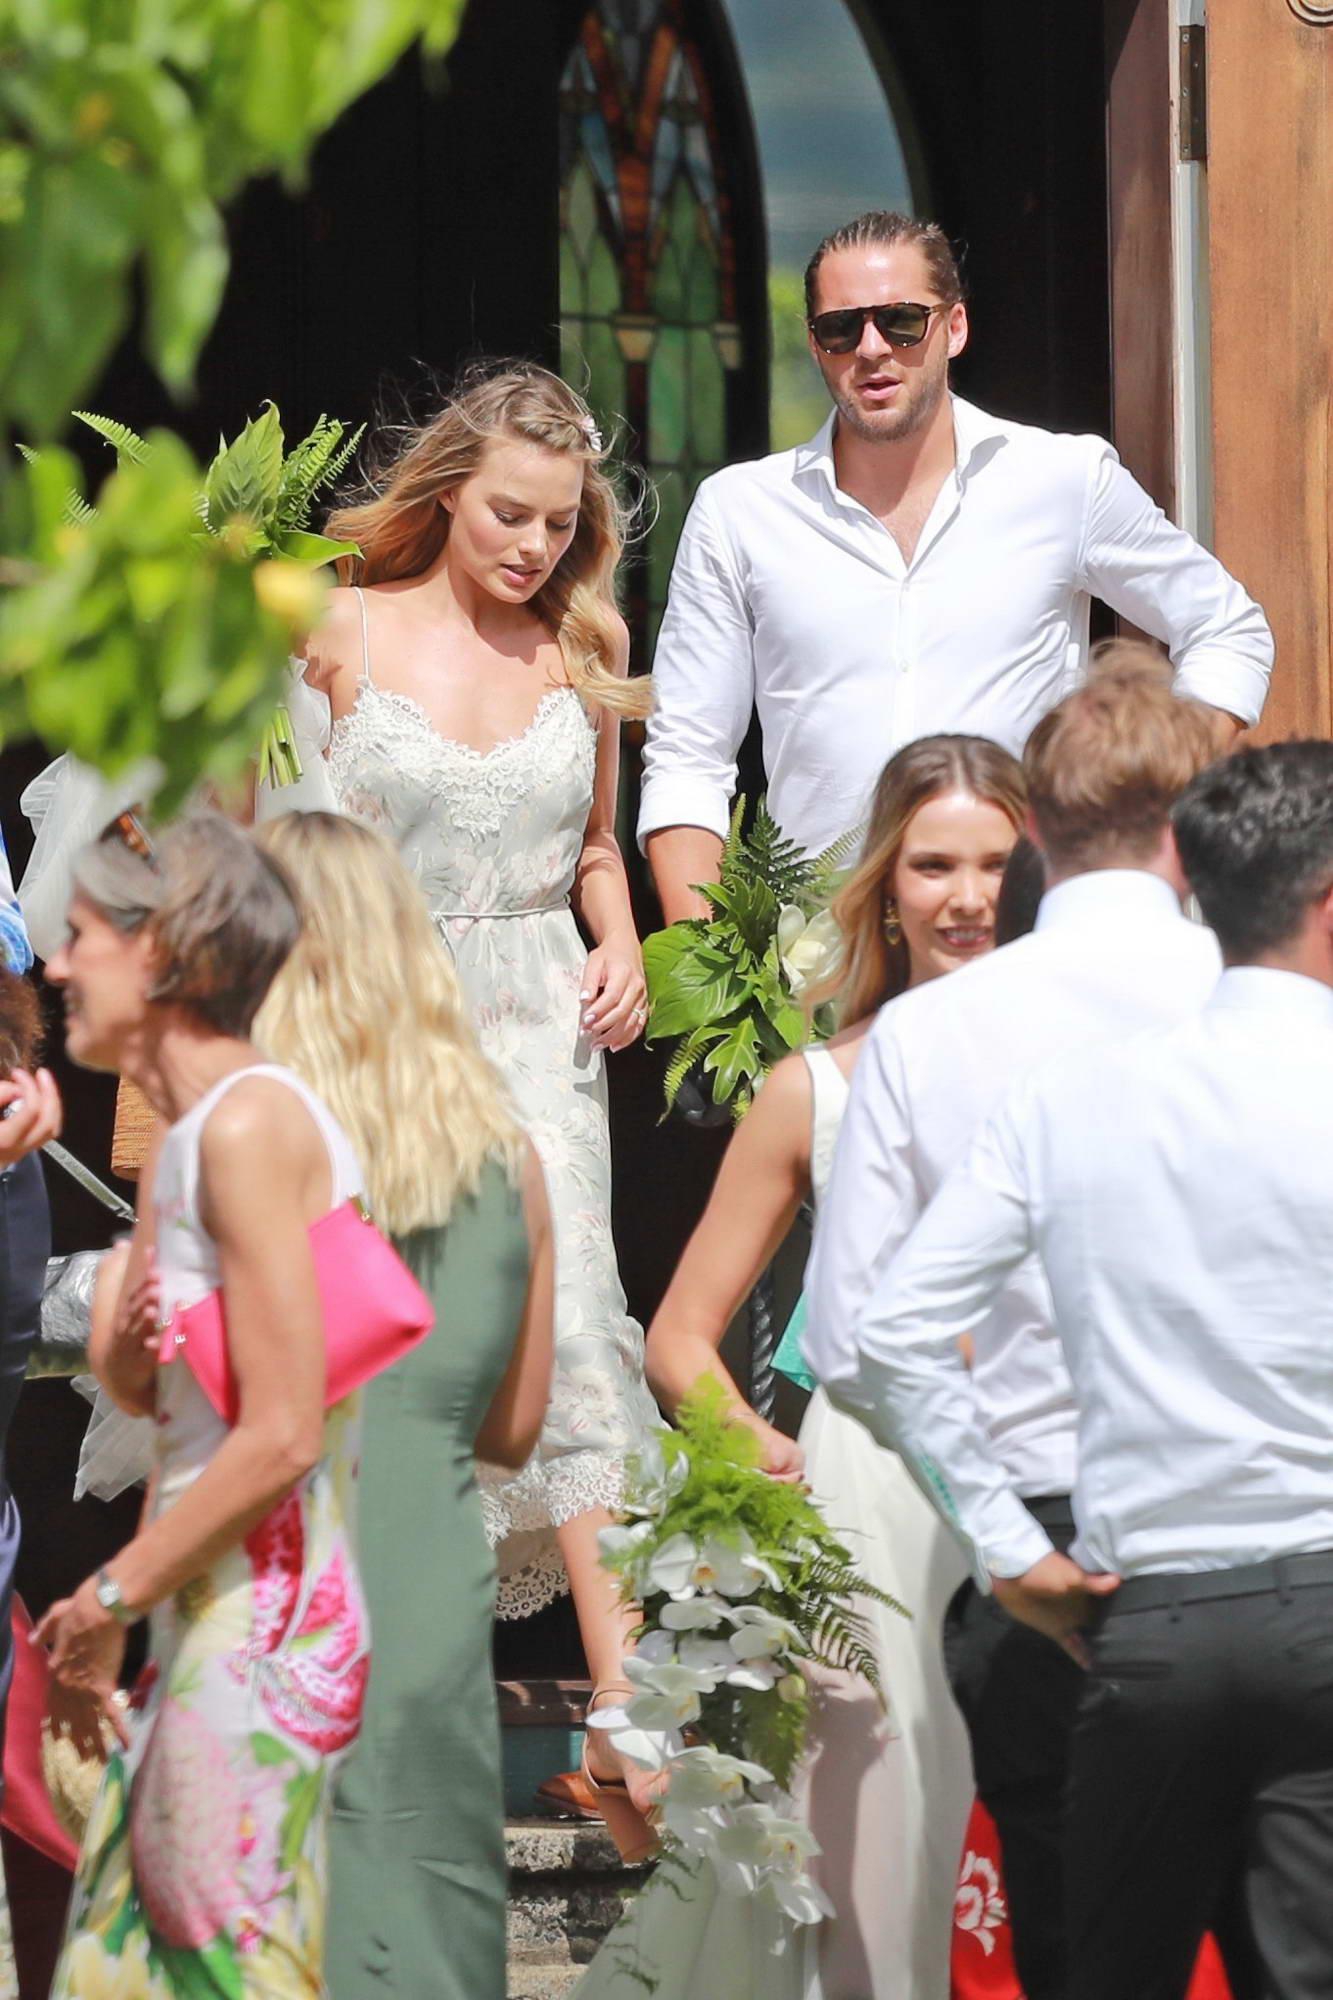 Margot Robbie Wedding.Margot Robbie At Her Friends Wedding In Kaui Hawaii 100517 6